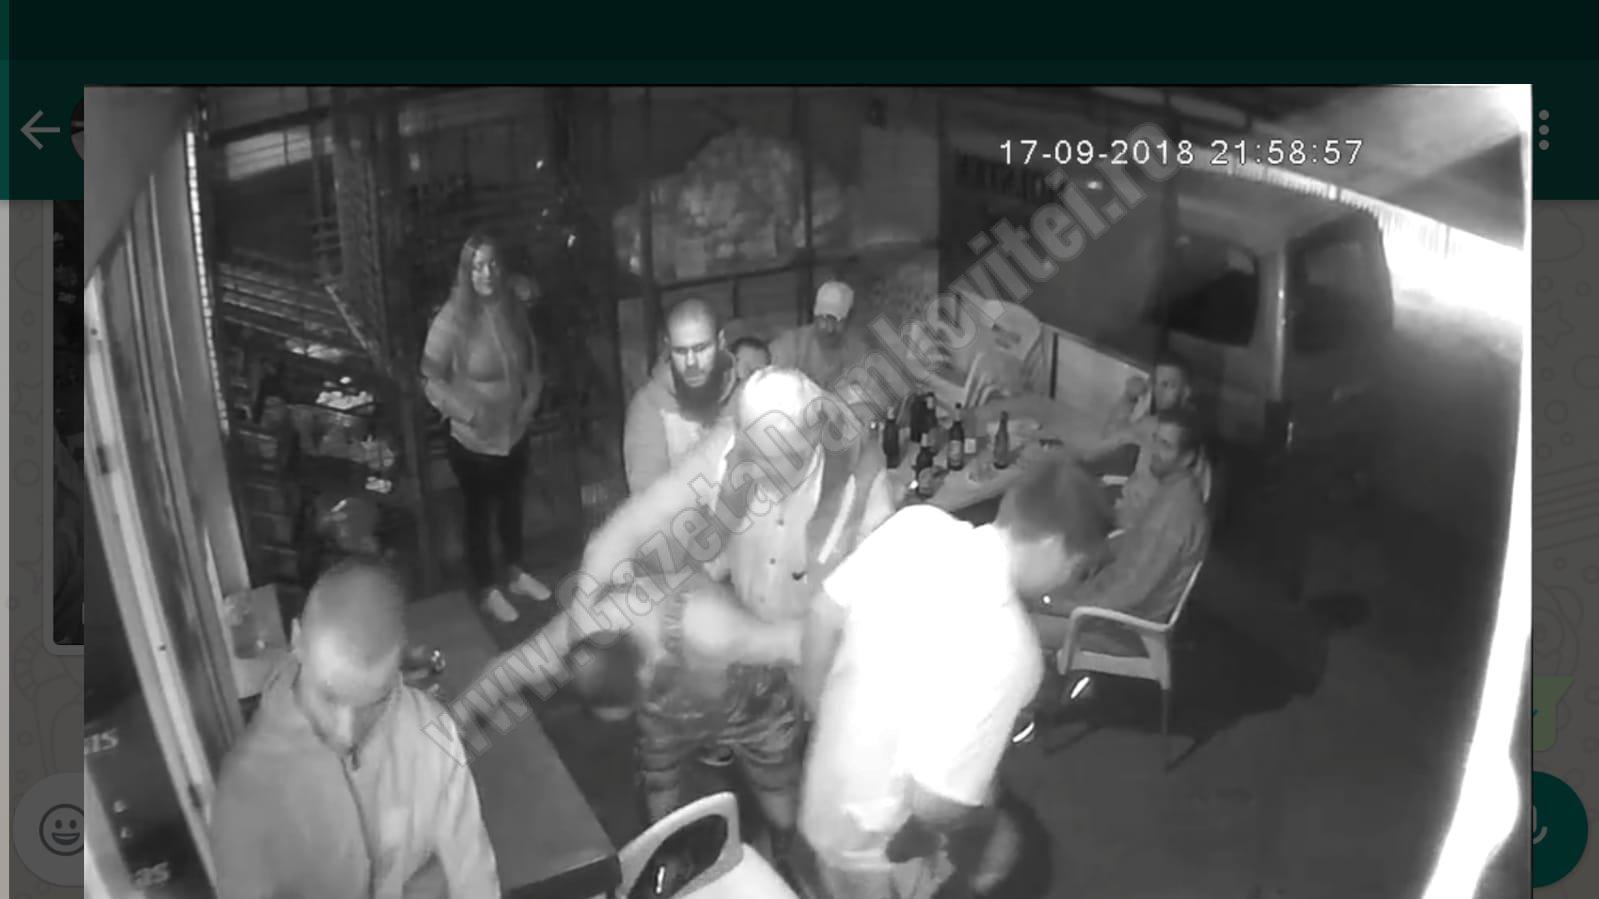 DÂMBOVIȚA: Scene violente într-o cârciumă! Doi bărbați și-au reglat conturile până aproape de crimă!